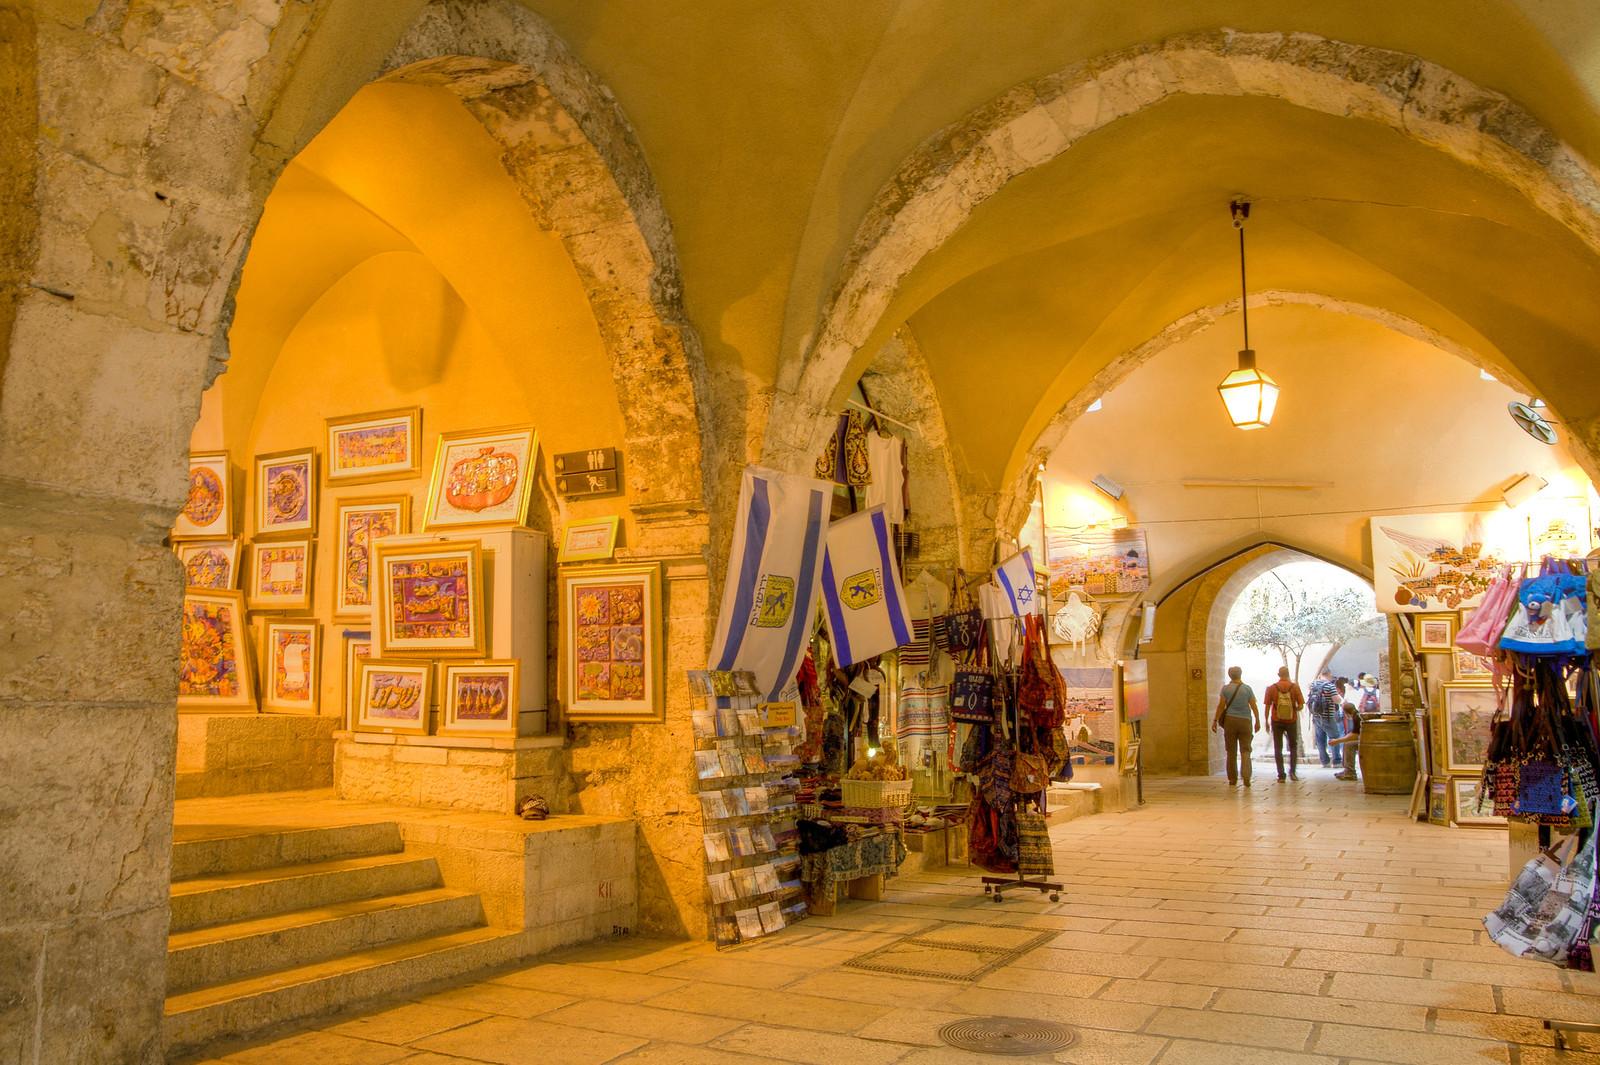 Jerusalem_Old City_Cardo_Noam Chen_IMOT